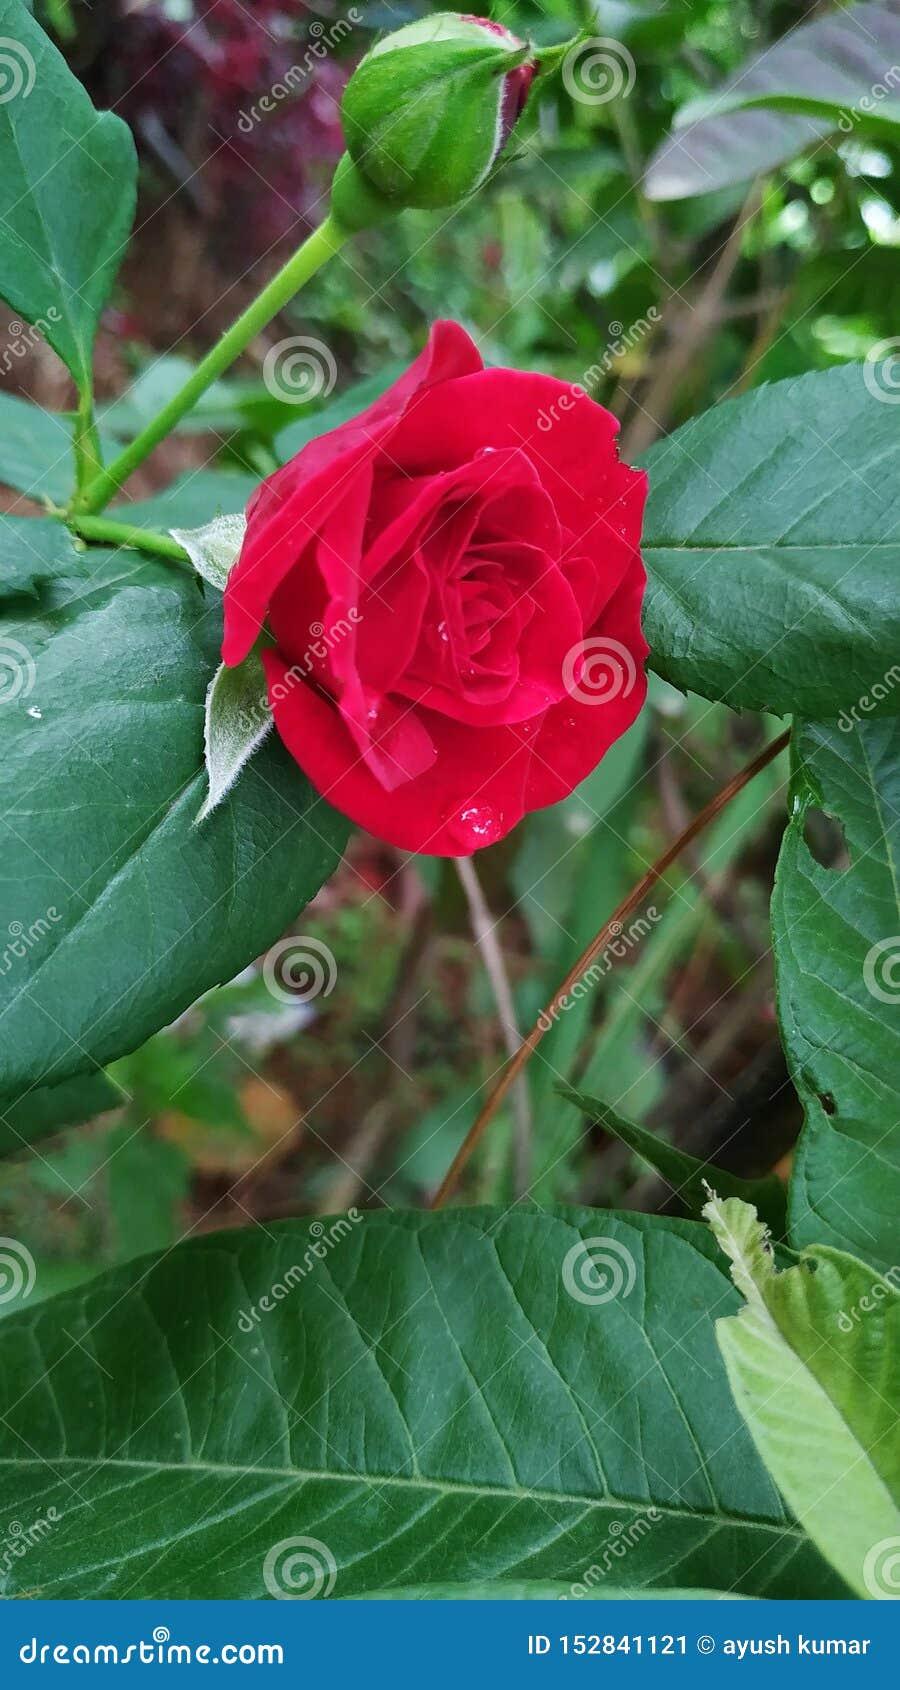 Rosa rossa con colore luminoso